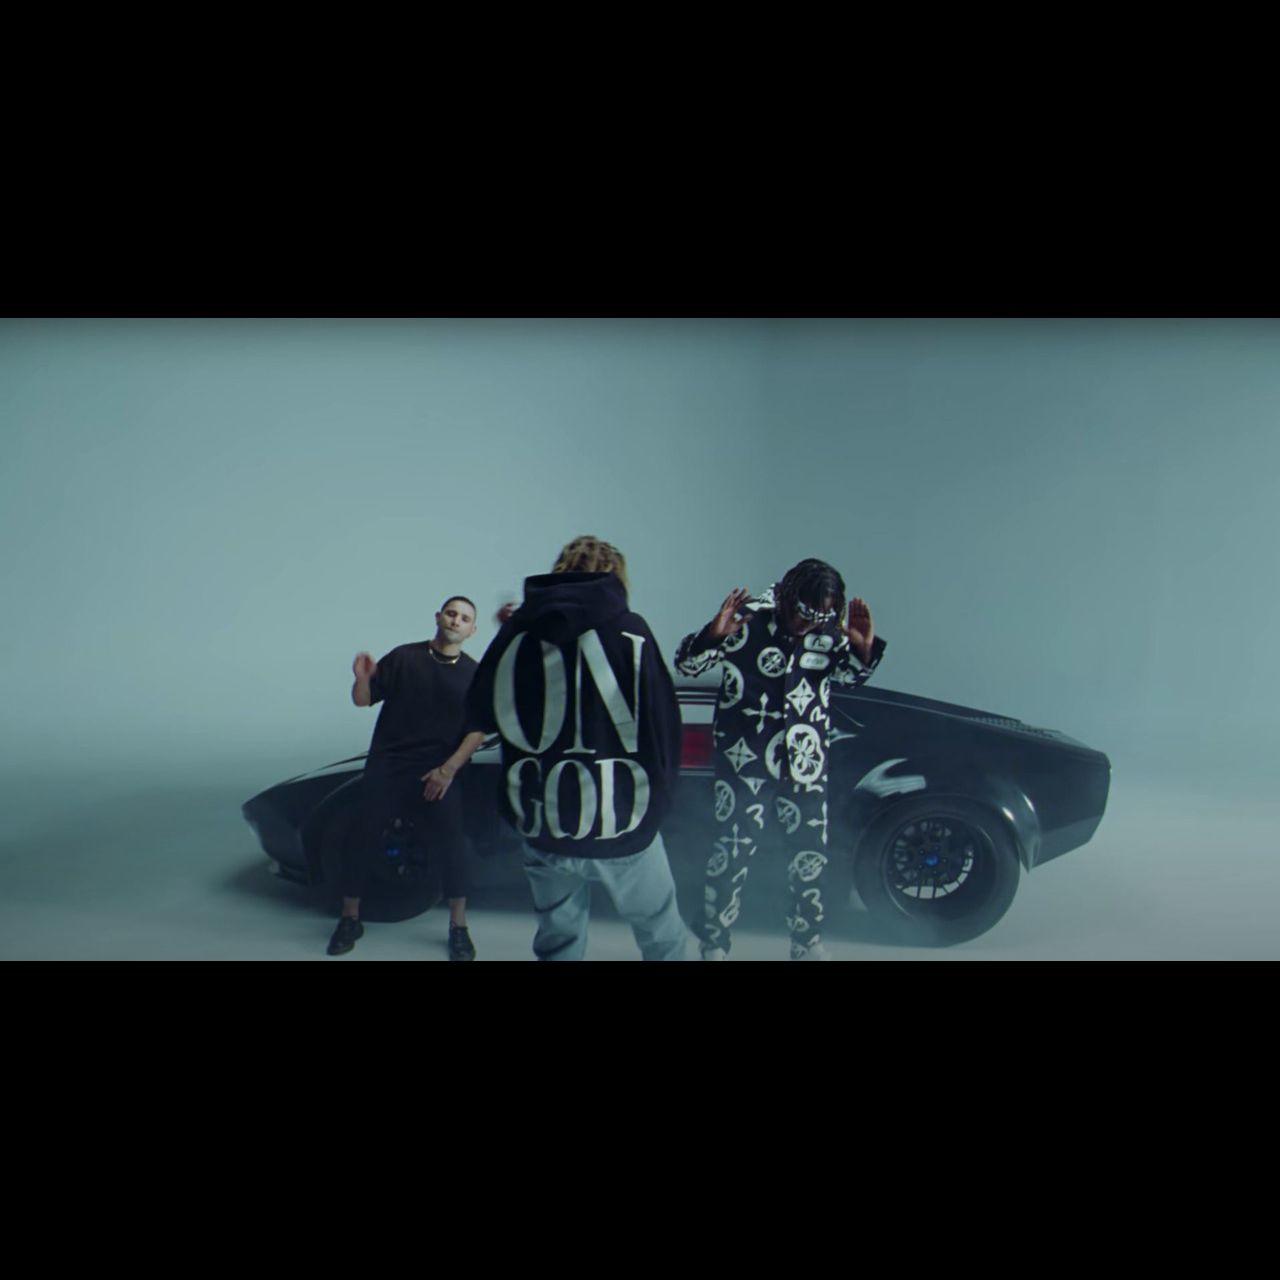 Skrillex - Don't Go (ft. Justin Bieber and Don Toliver) (Thumbnail)